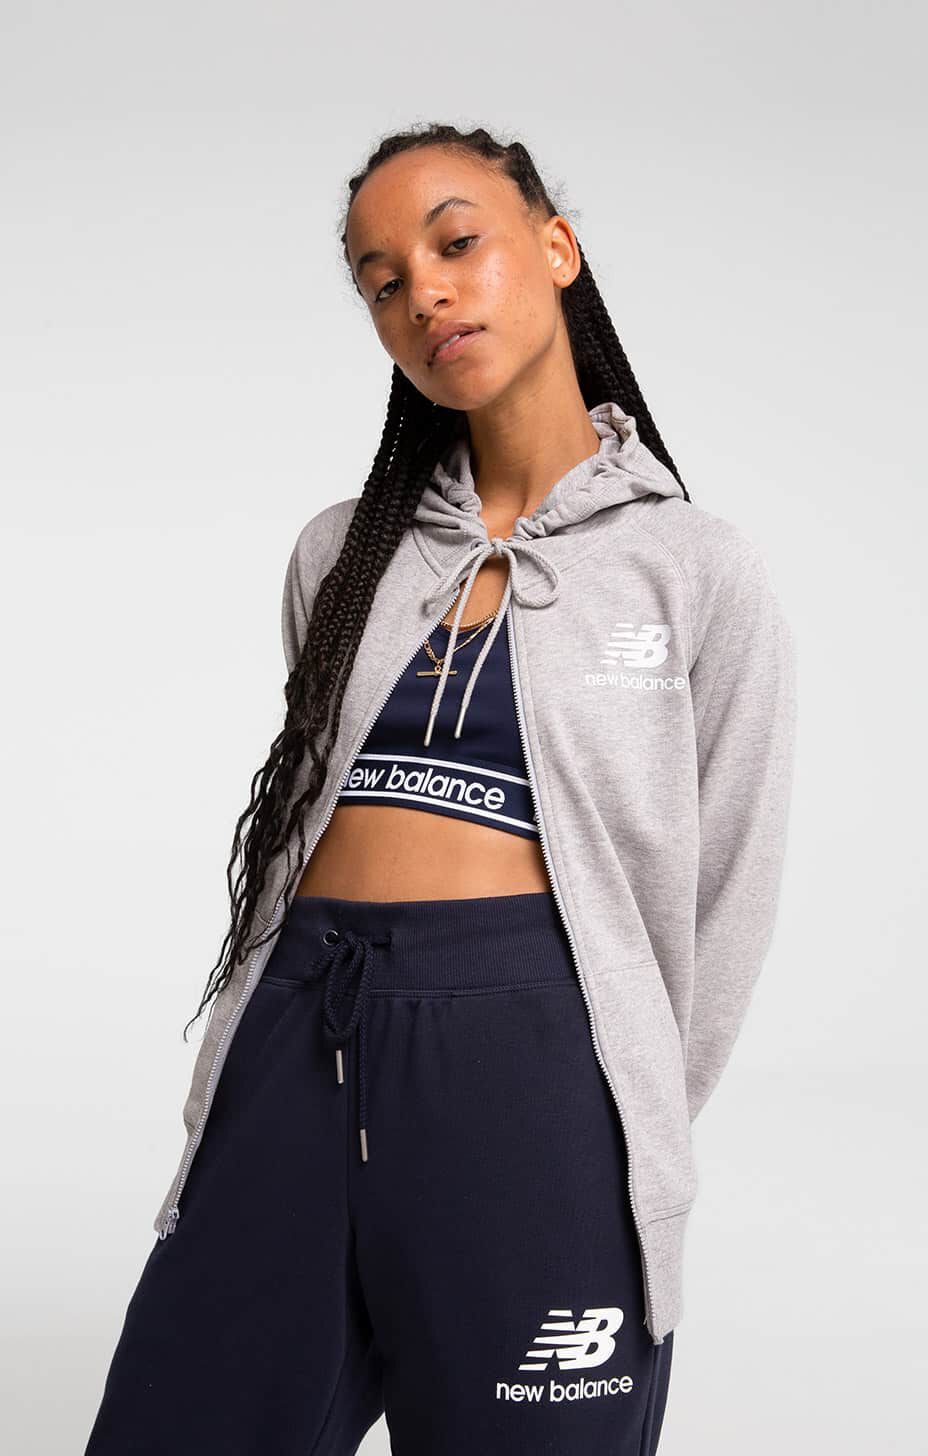 new balance clothing